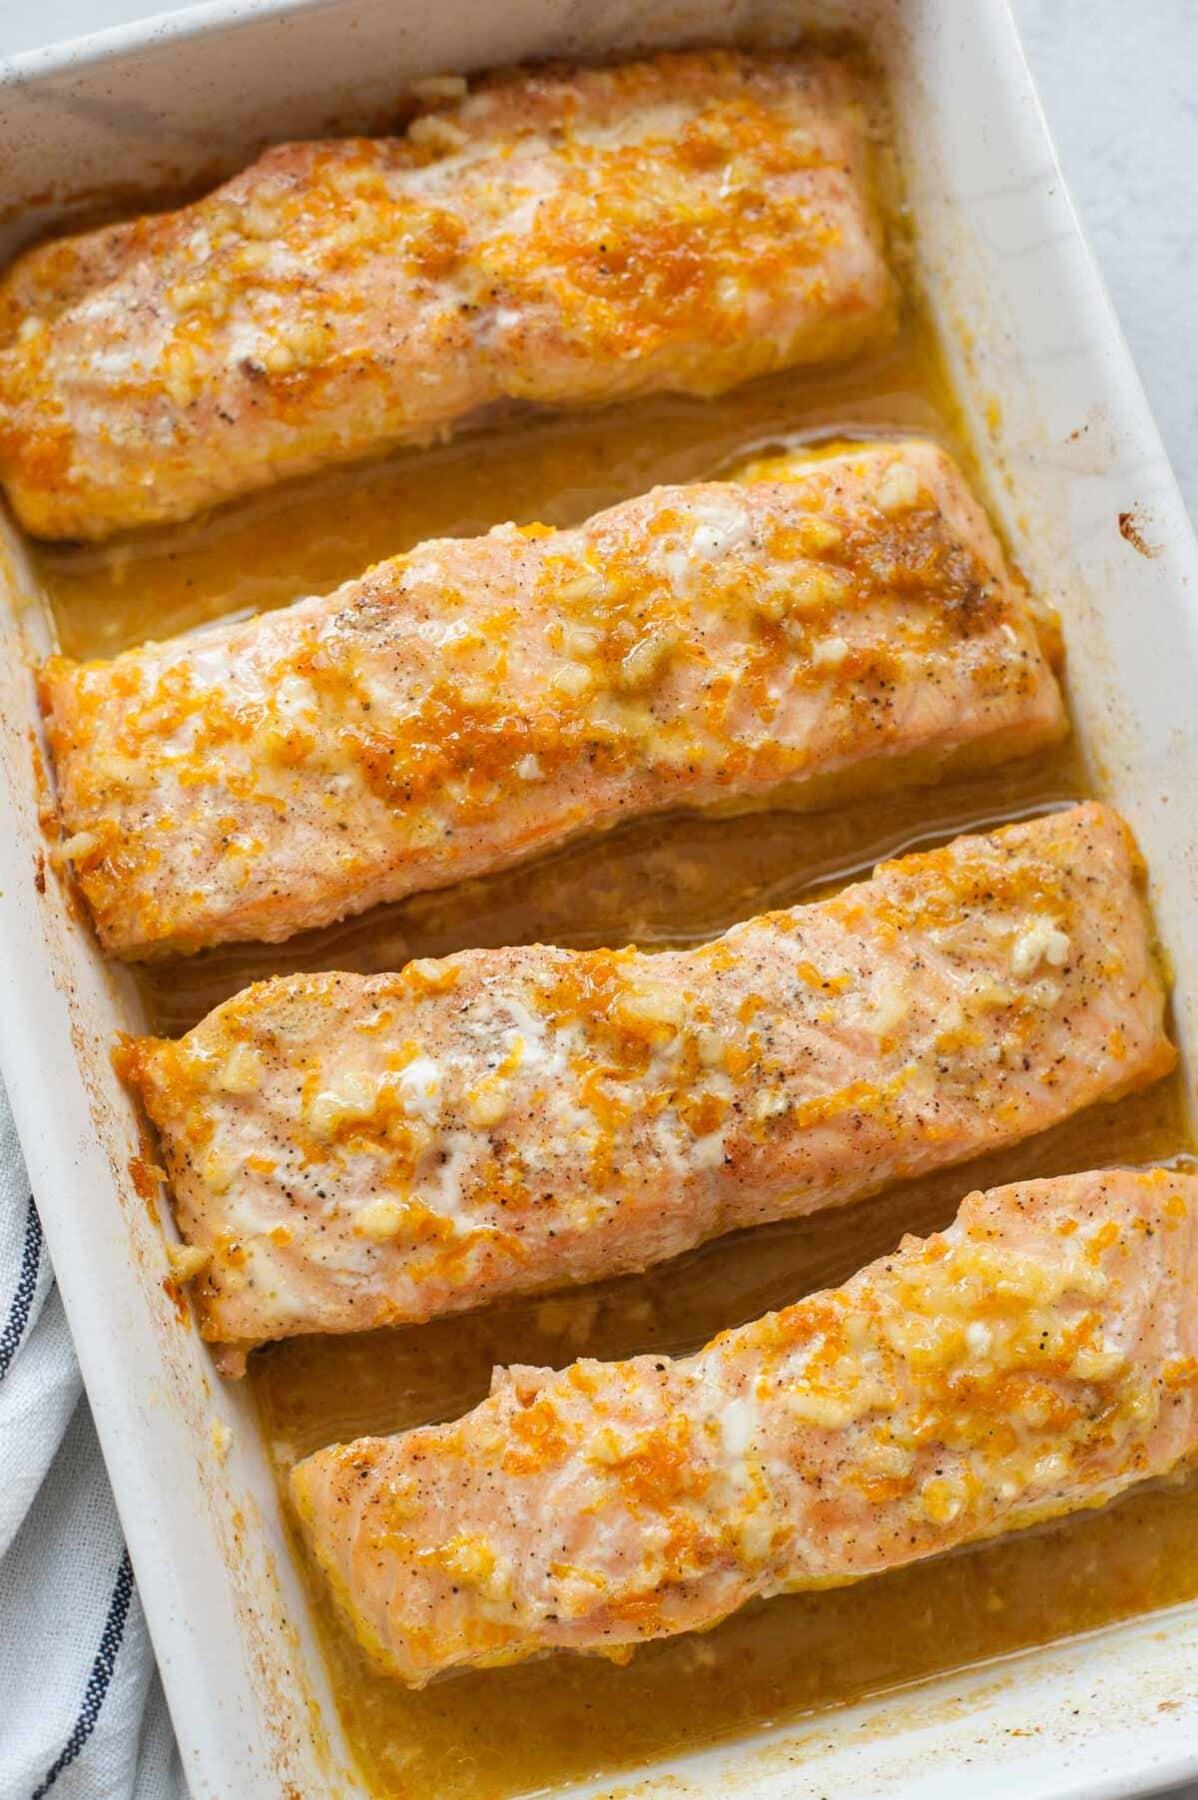 Filety z łososia w sosie pomarańczowym w białym naczyniu do zapiekania.